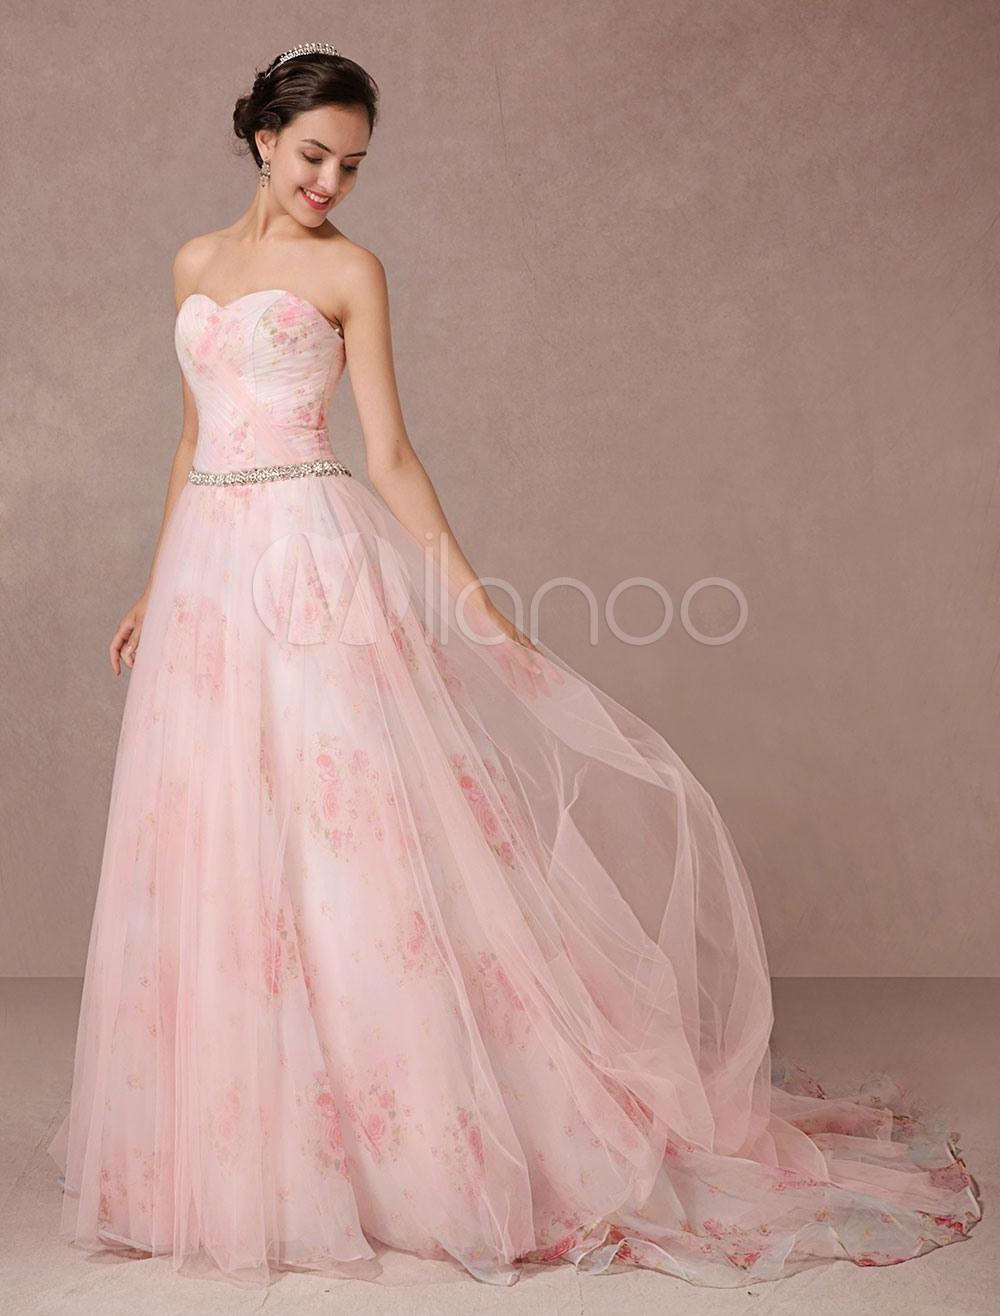 Designer Perfekt Kleider Für Hochzeitsgäste Rosa Bester PreisAbend Spektakulär Kleider Für Hochzeitsgäste Rosa Spezialgebiet